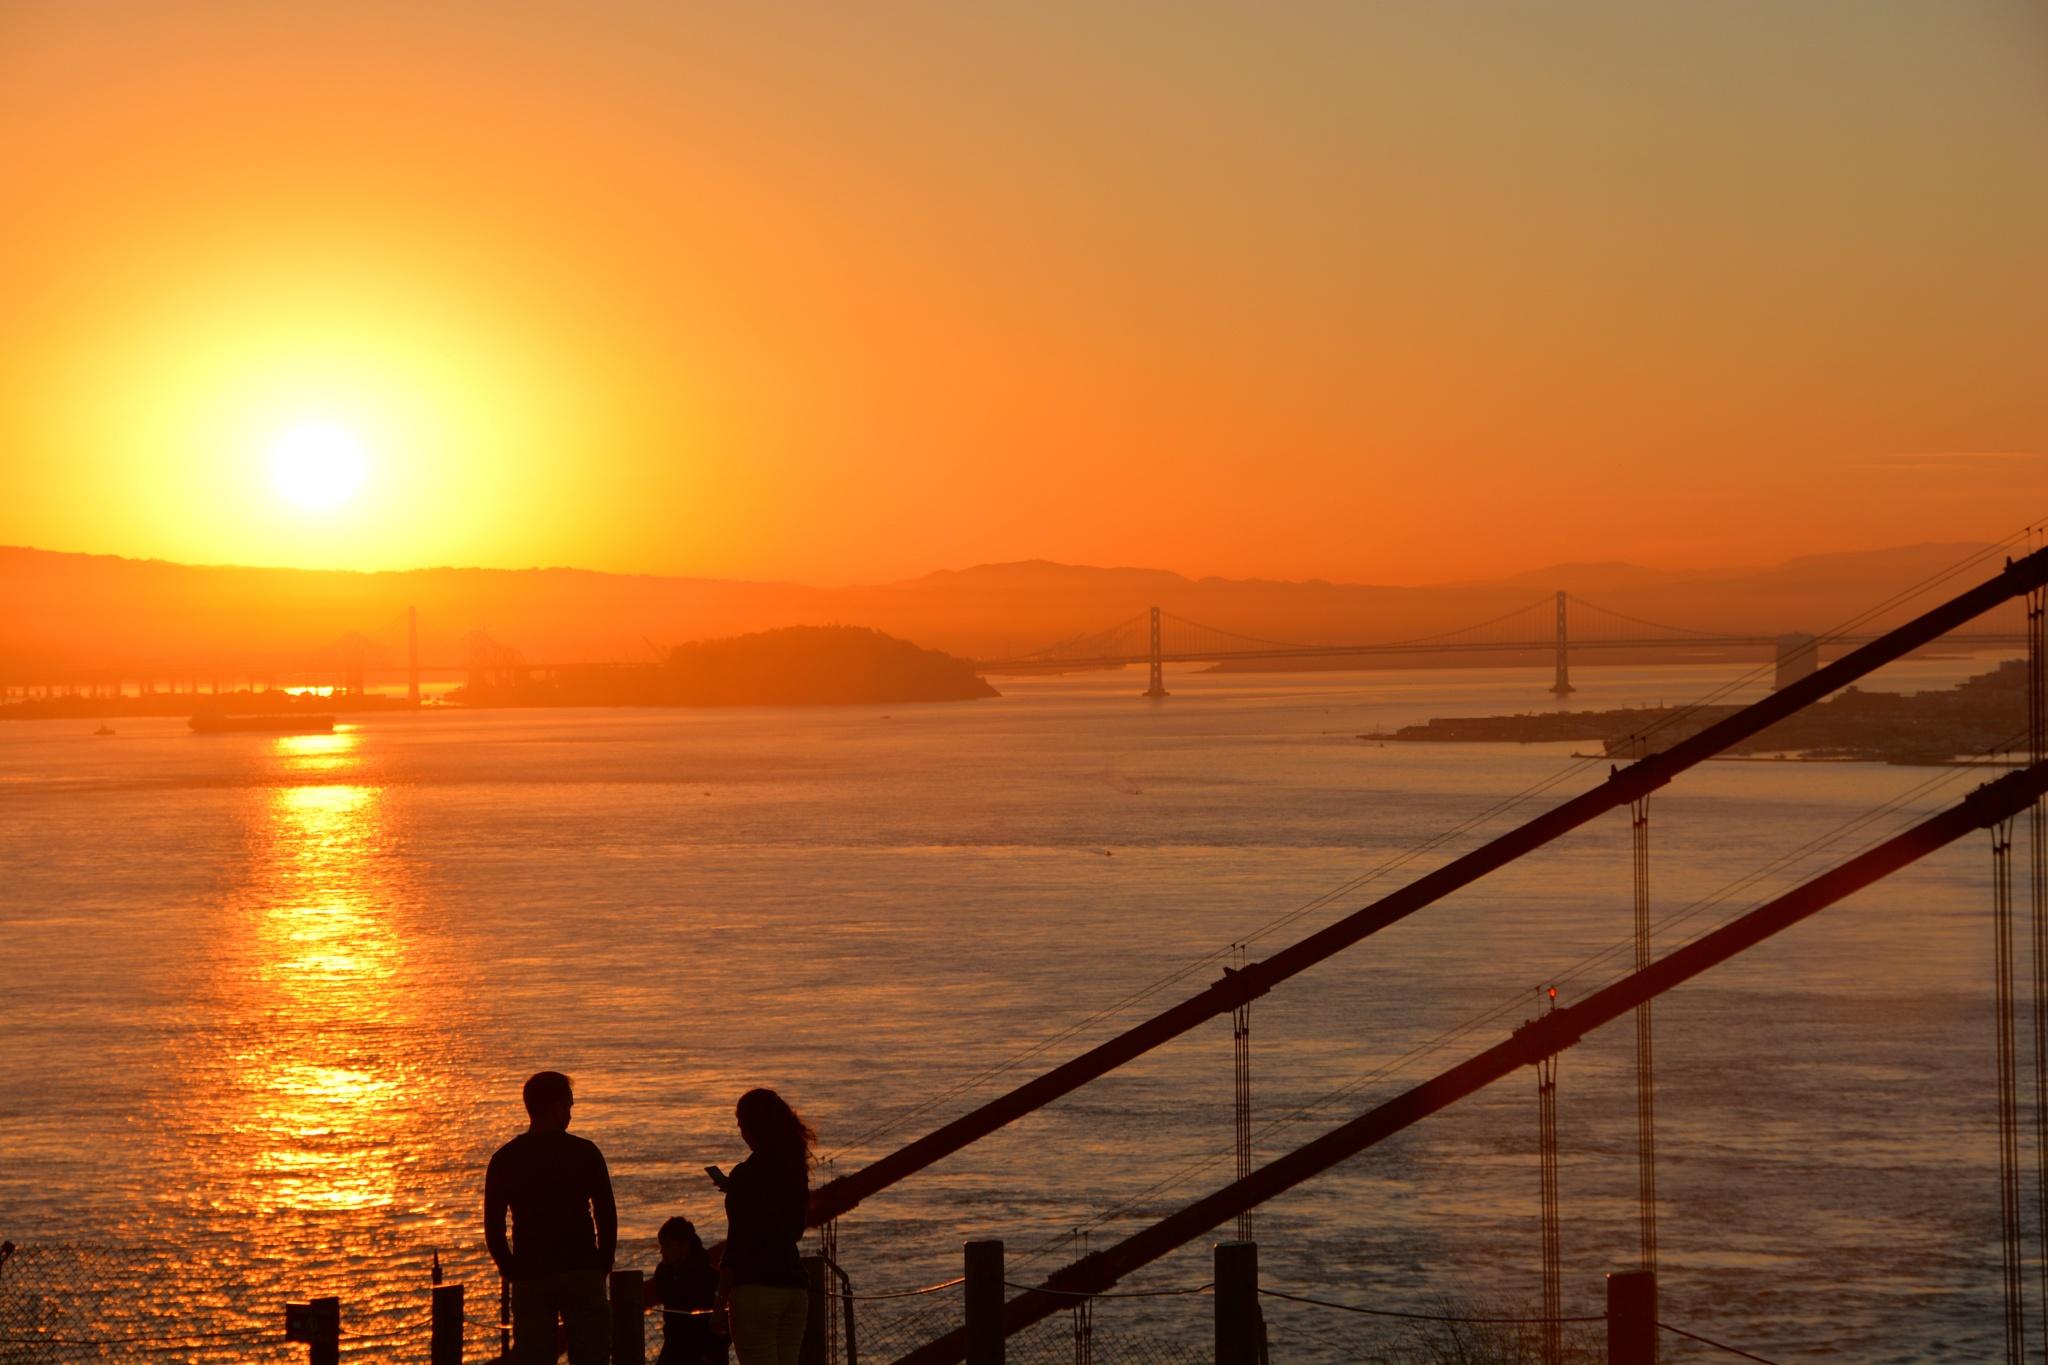 Sunrise by Doug Morrin